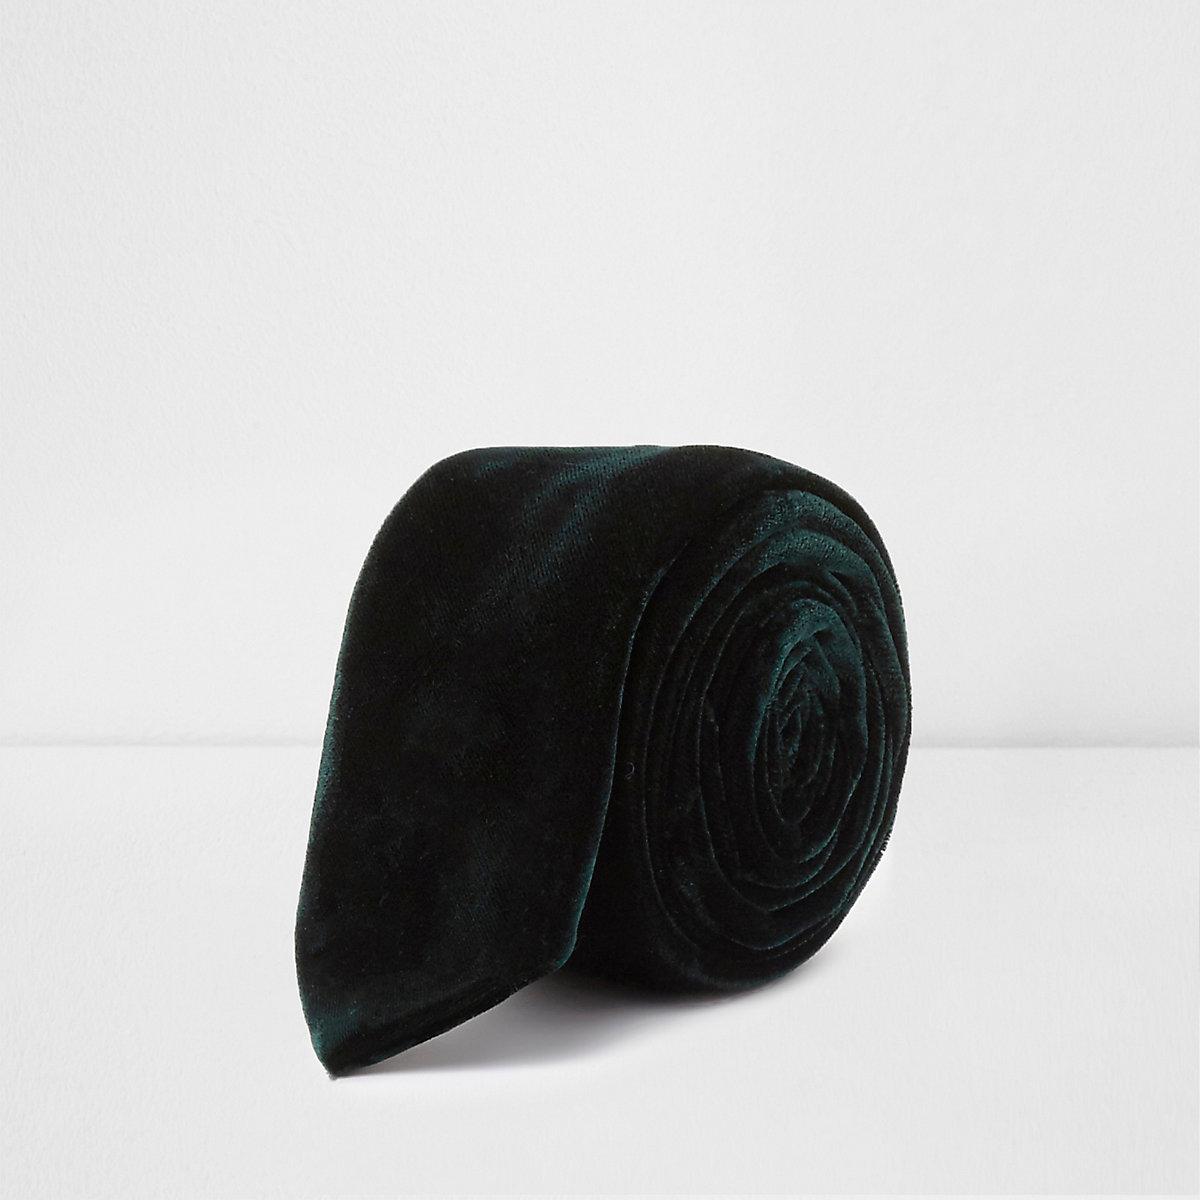 Dark green velvet tie